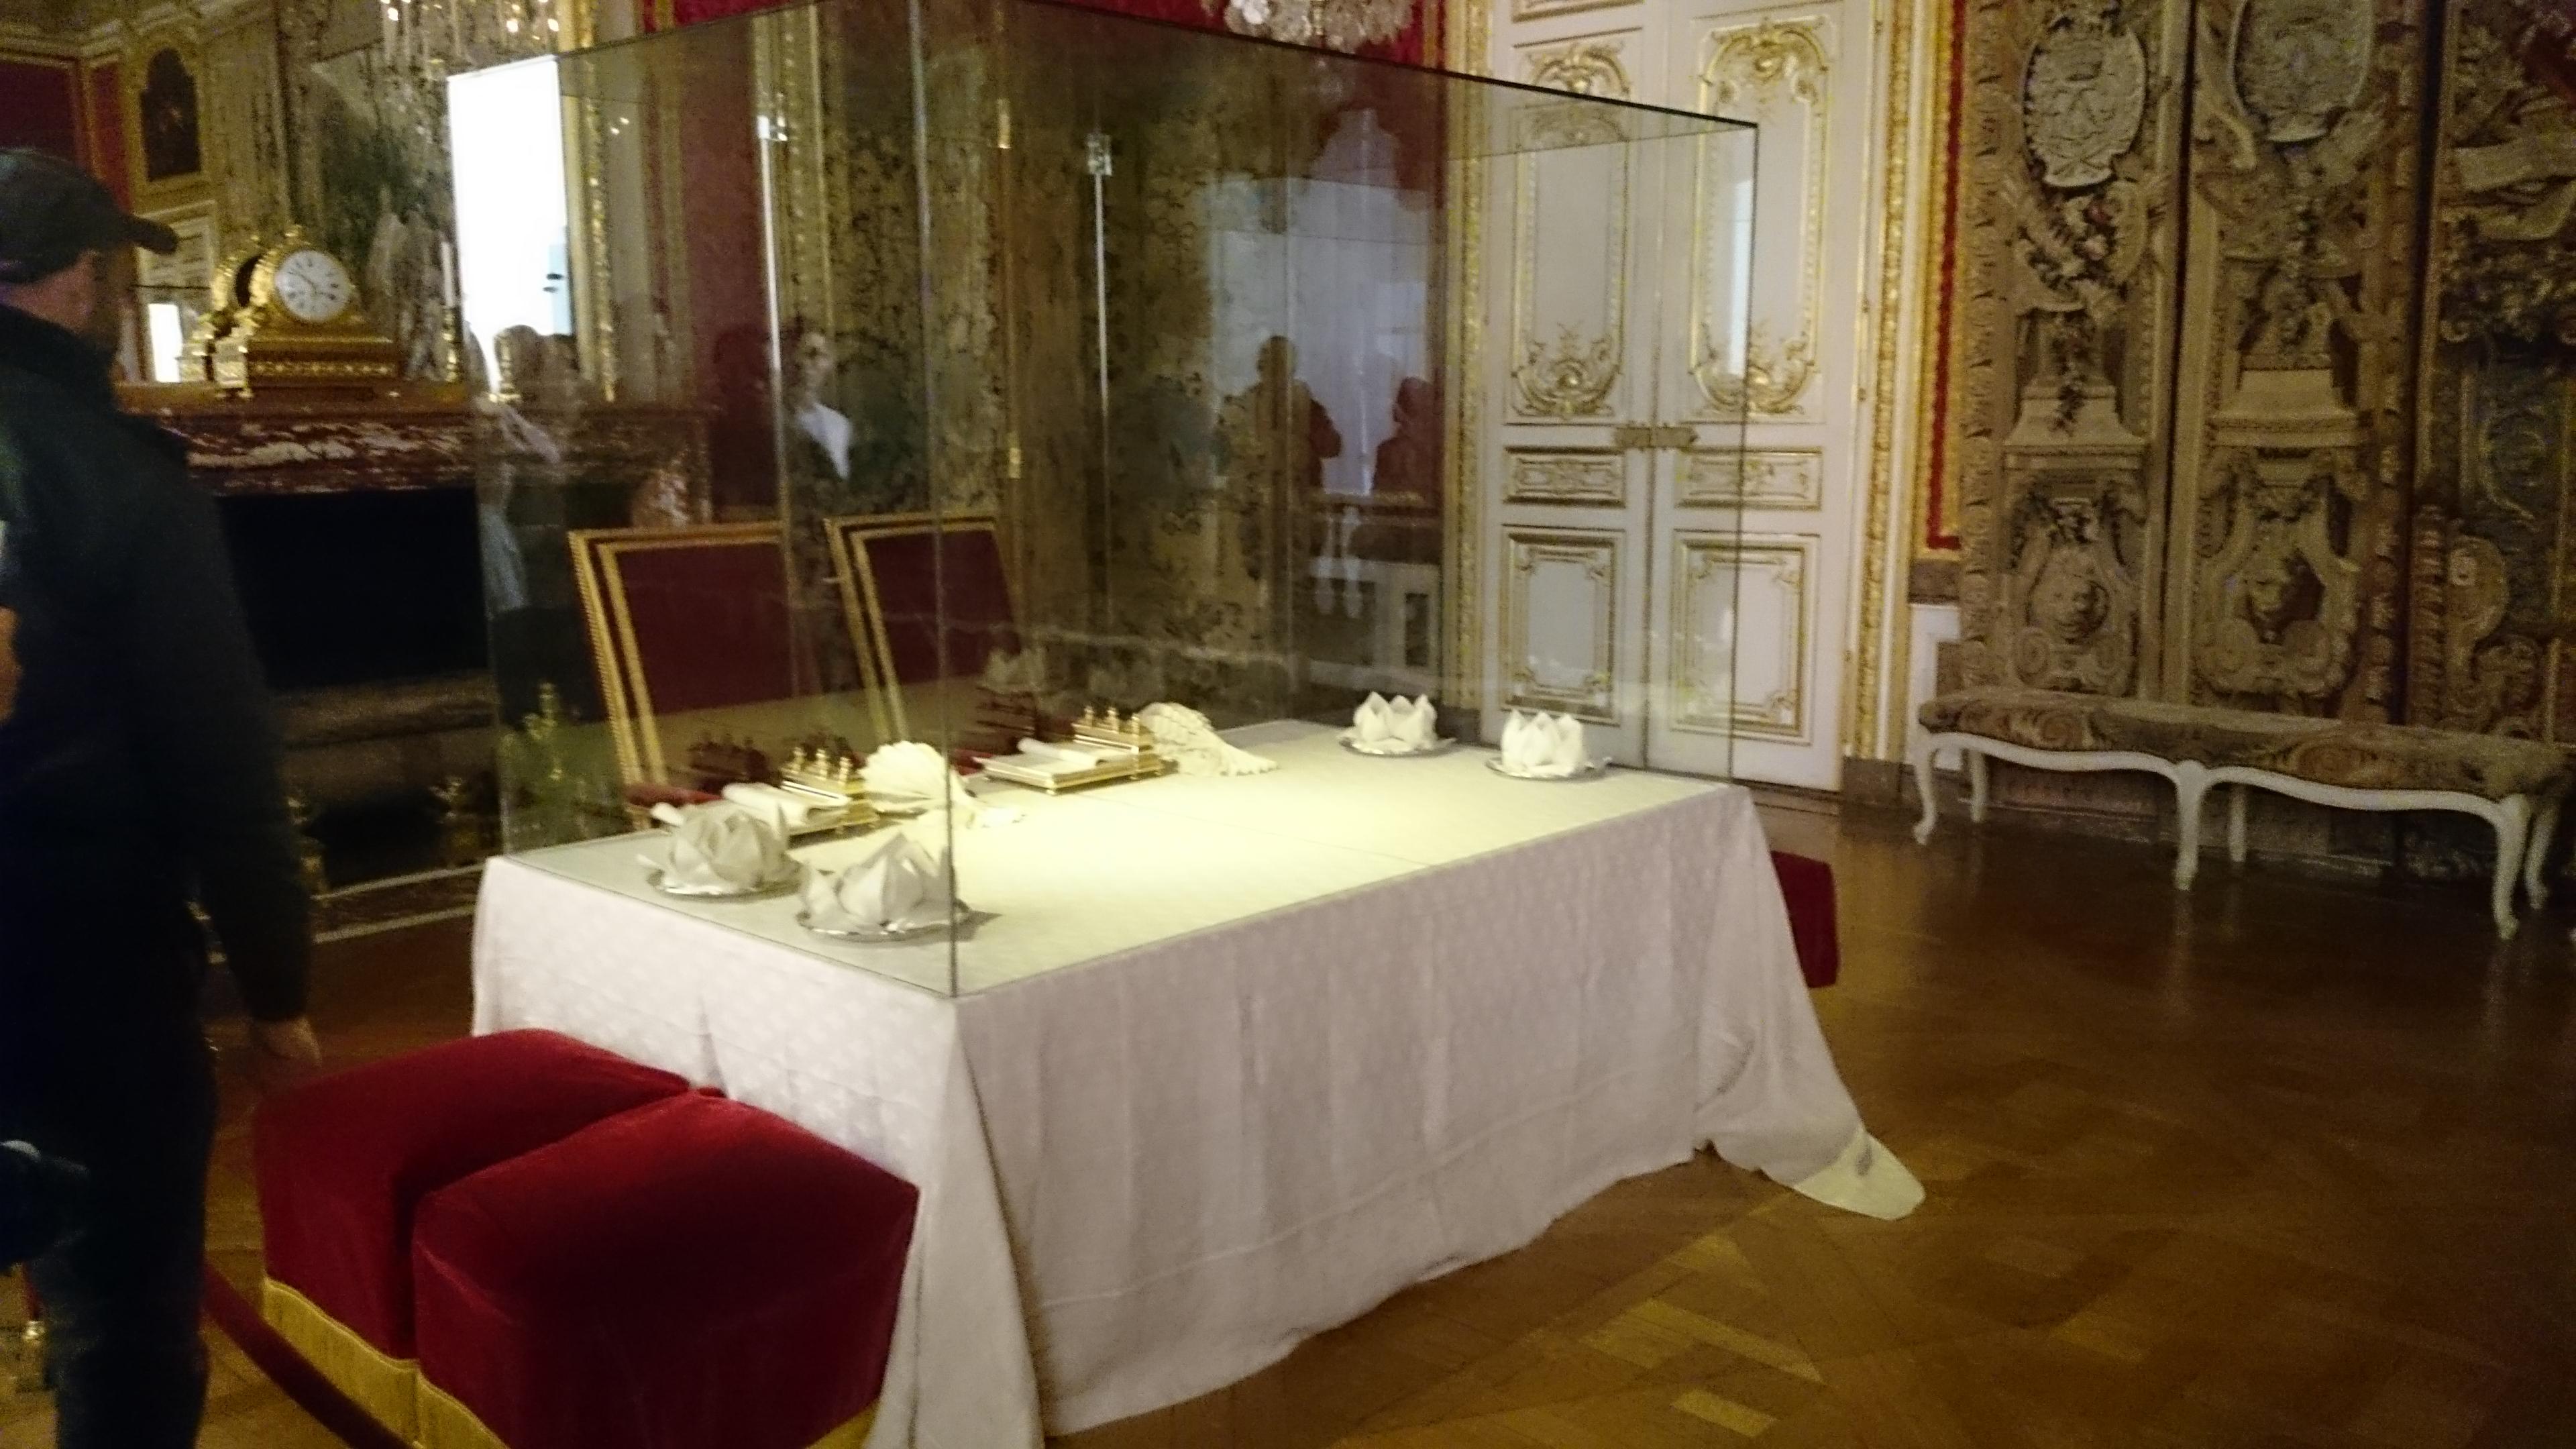 dsc 14001 - Visita al Palacio de Versalles: Como ir, cuanto cuesta y tips III/III